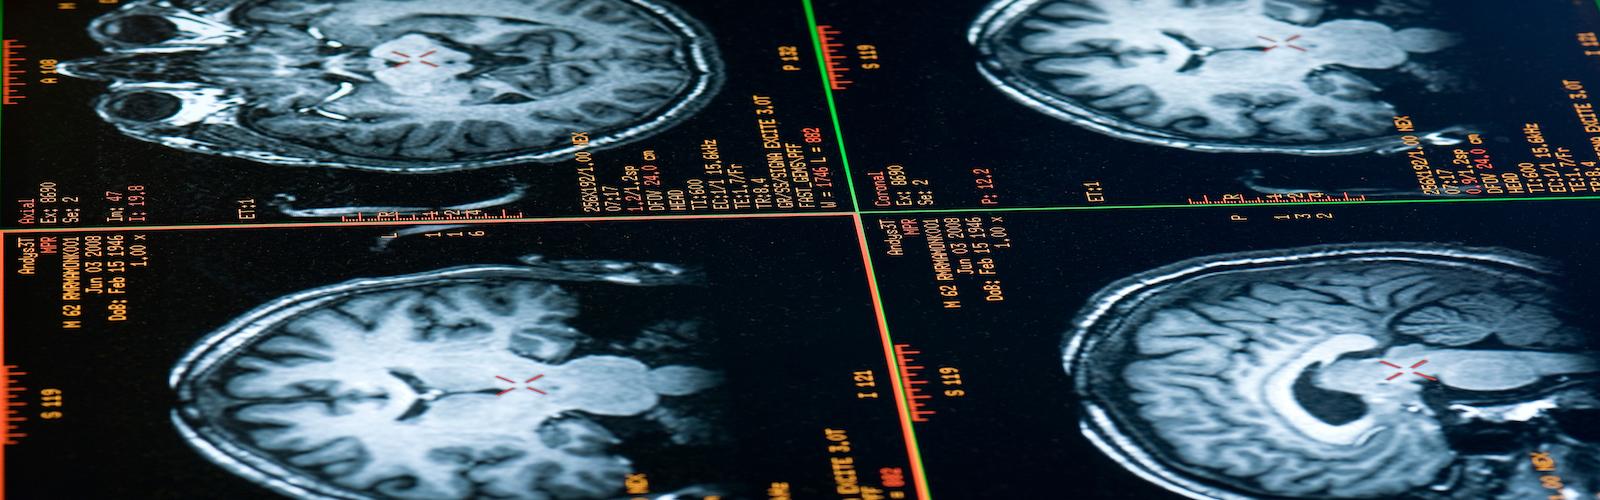 MRI brain images